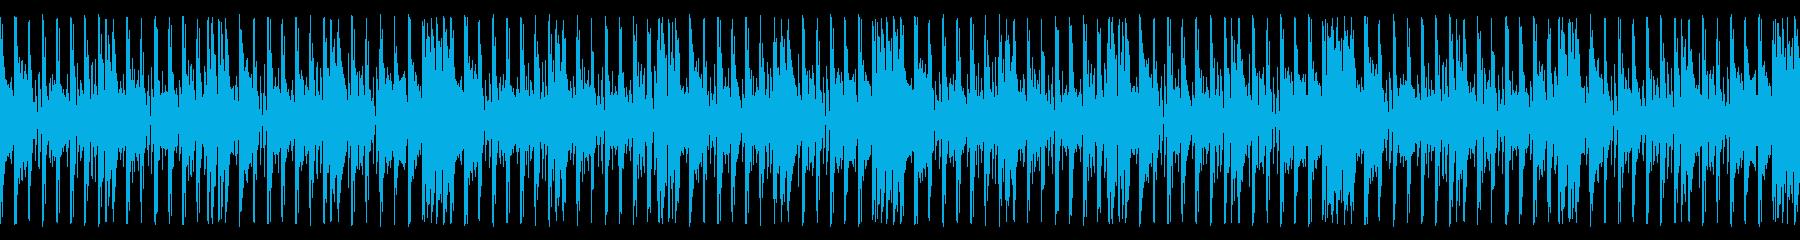 ポップでアクティブなジングル_ループの再生済みの波形